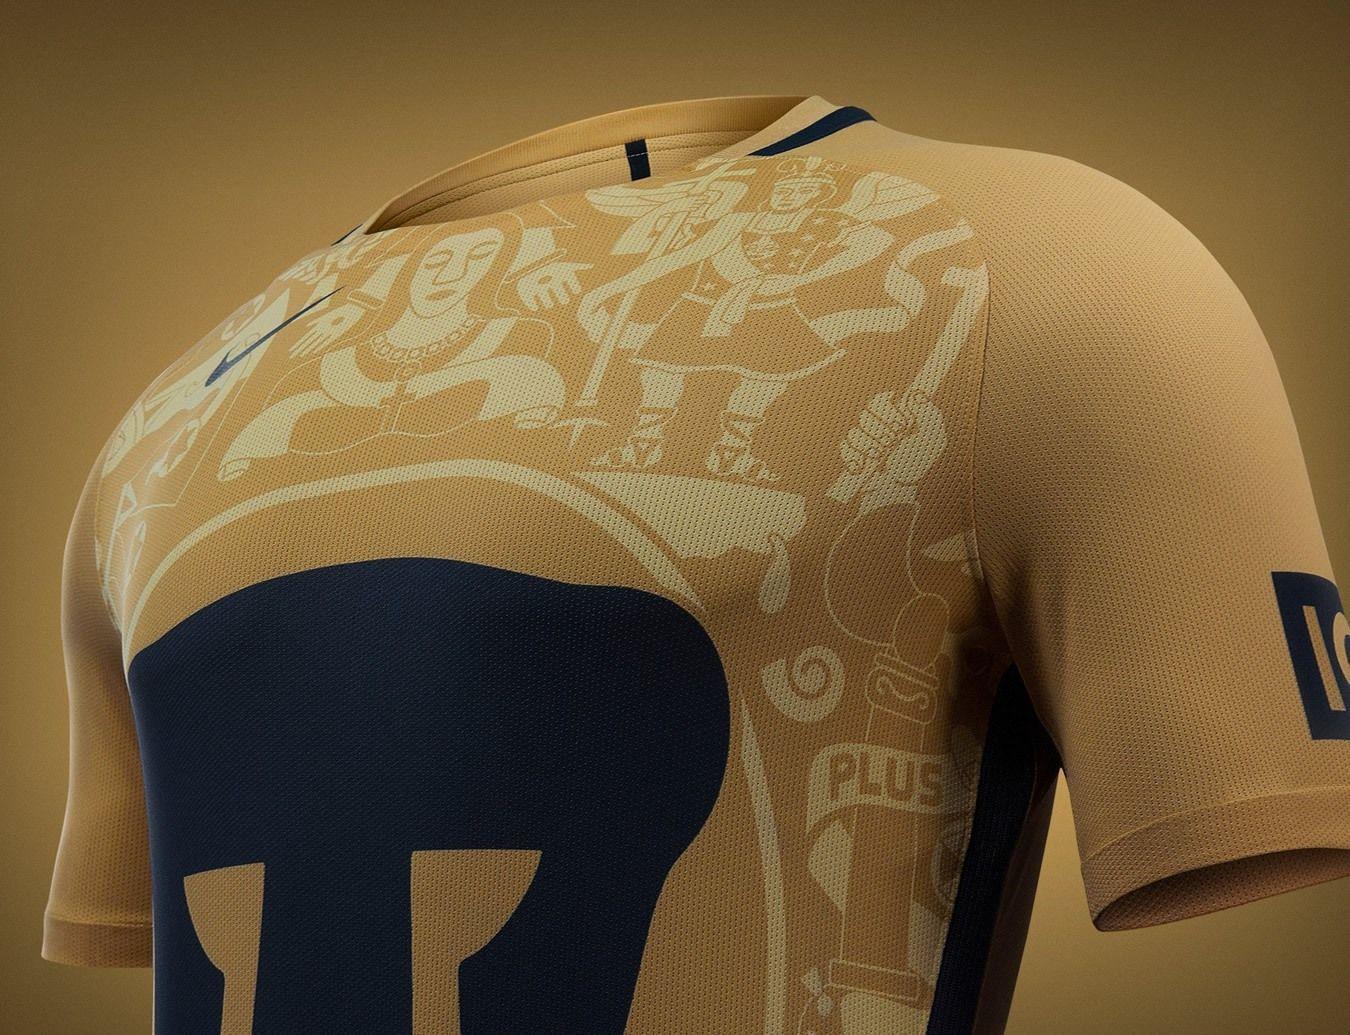 camiseta argentina pumas